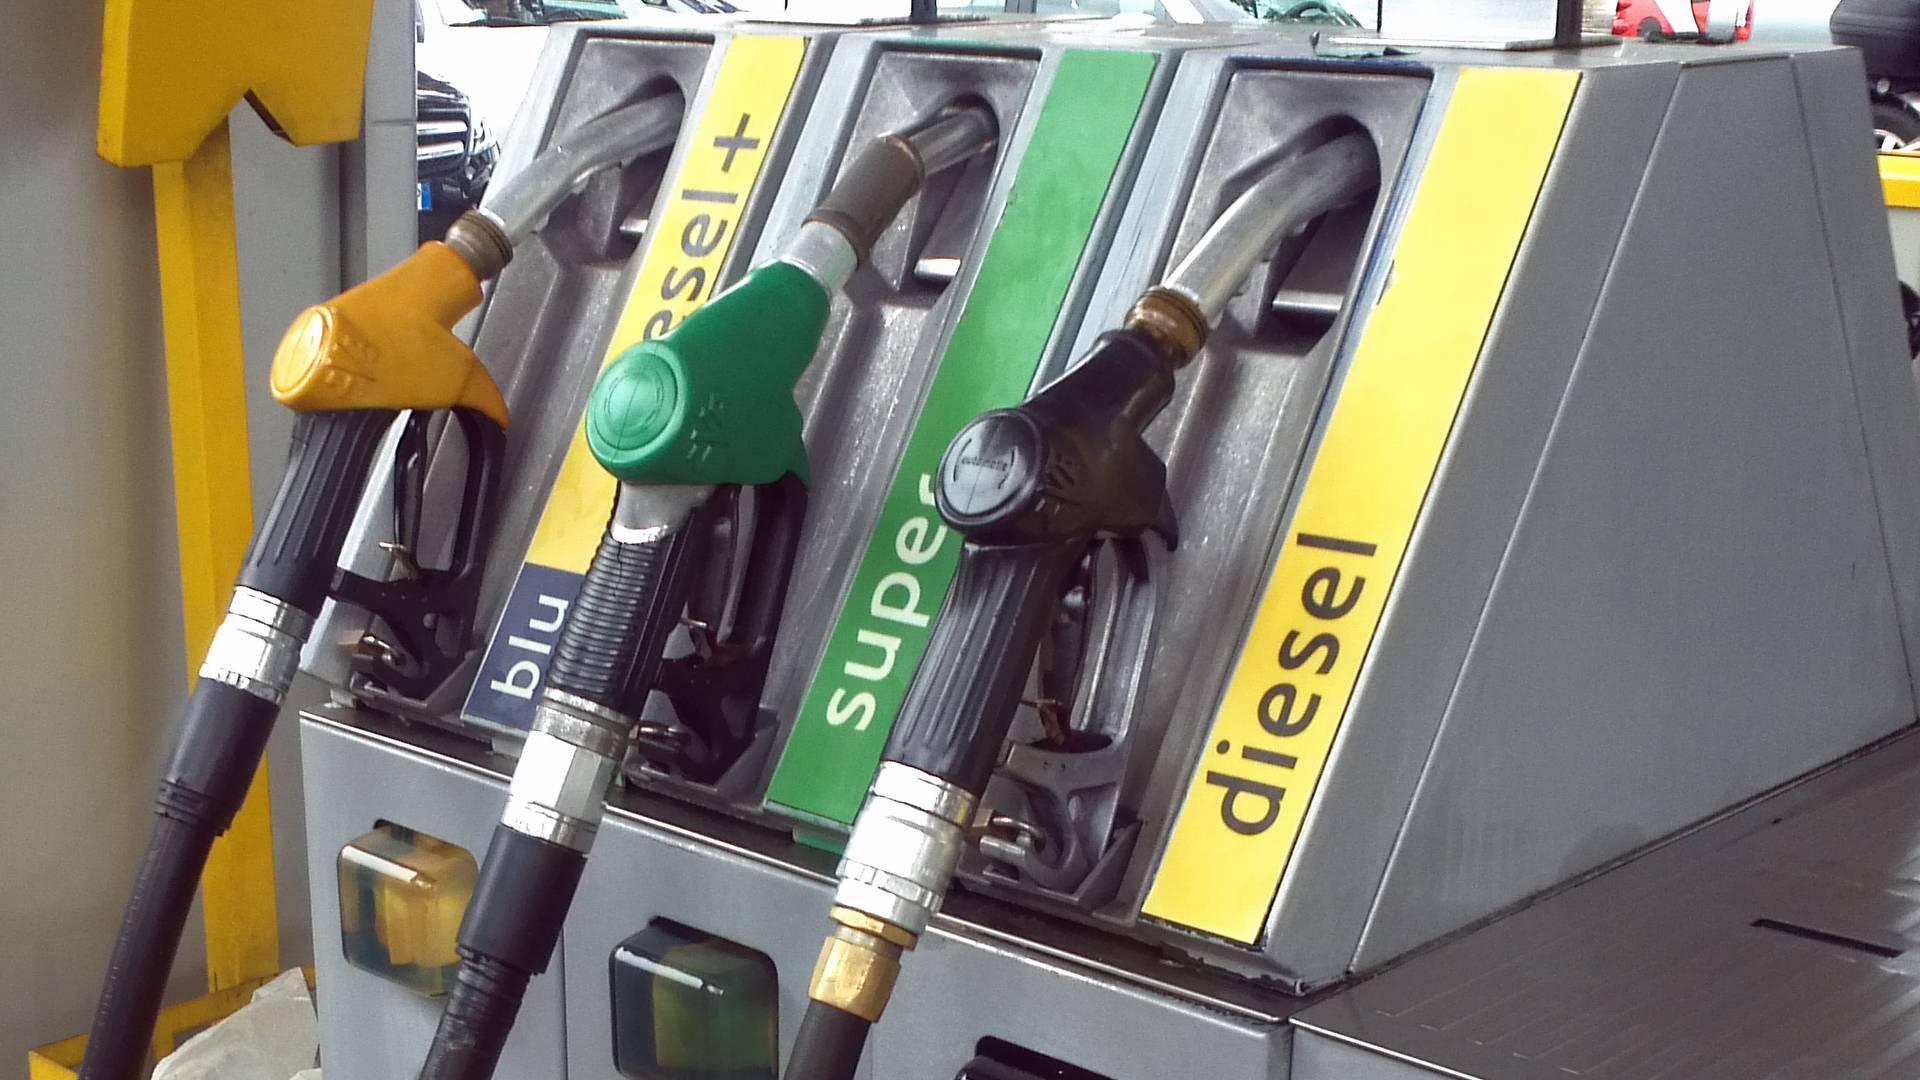 Colonnine obbligatorie nei benzinai, così l'idea può arrivare in Italia